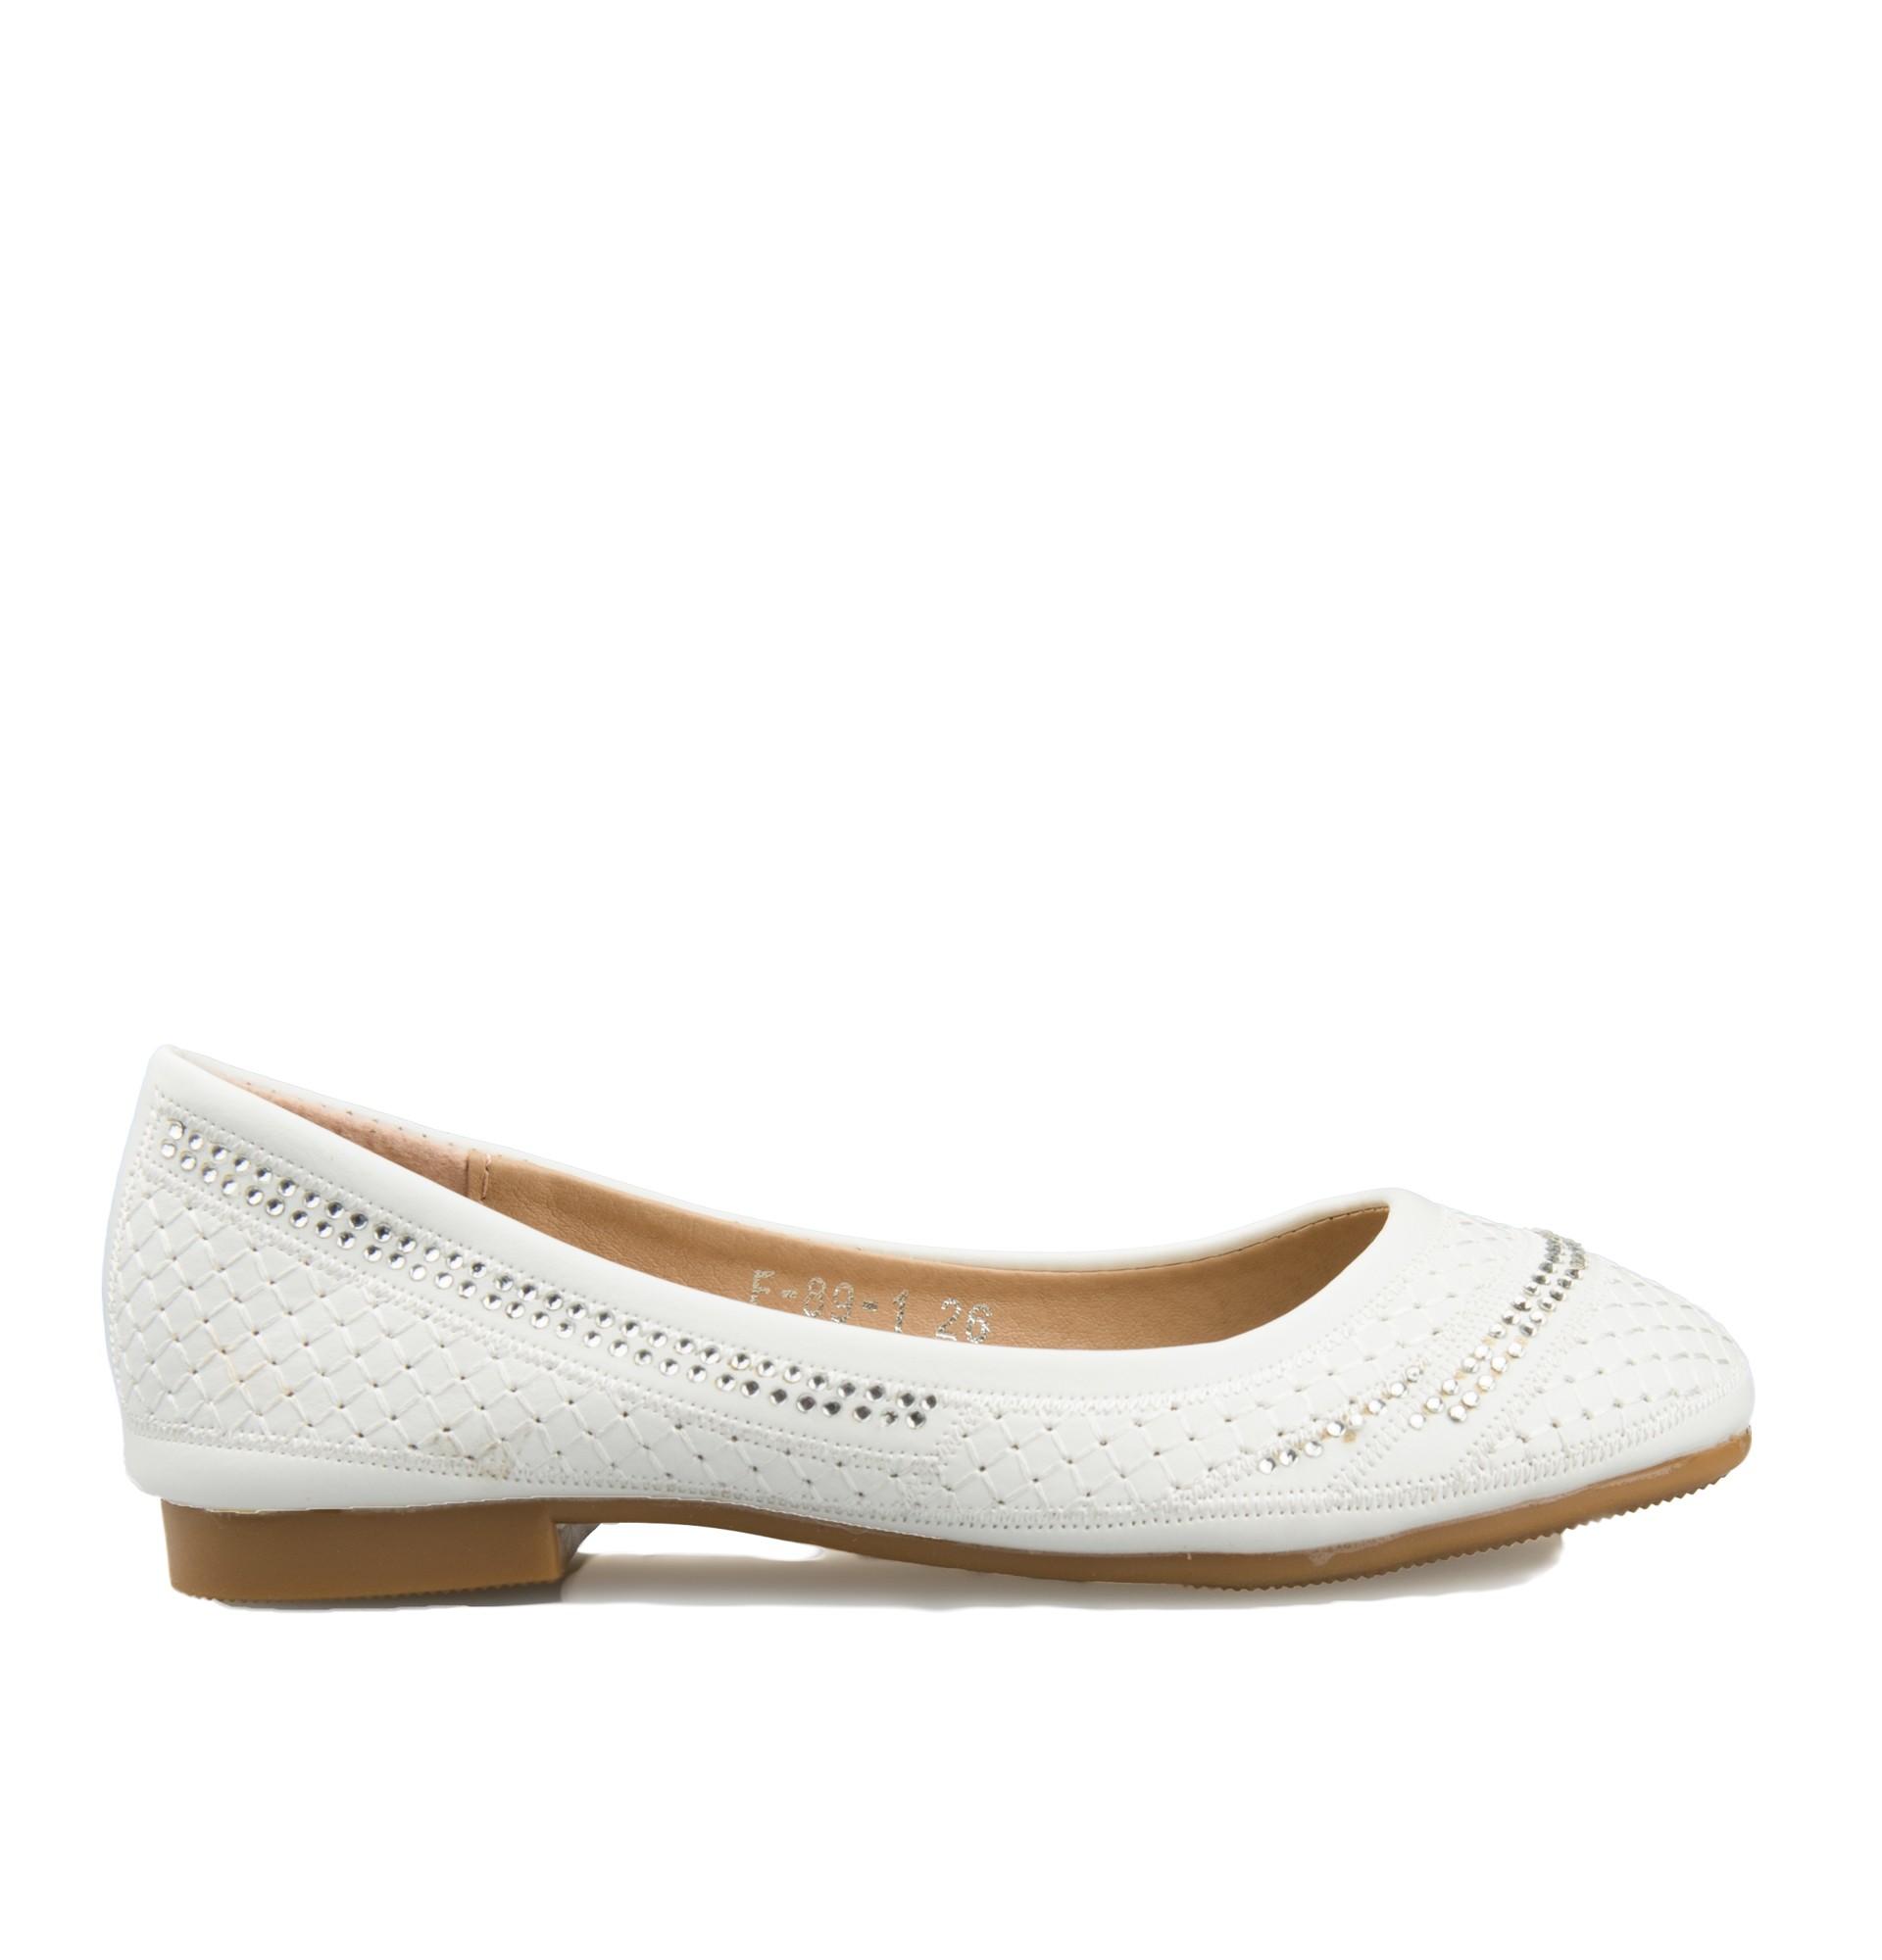 ballerina bruidsmeisjes schoen Femke in de kleur ivoor